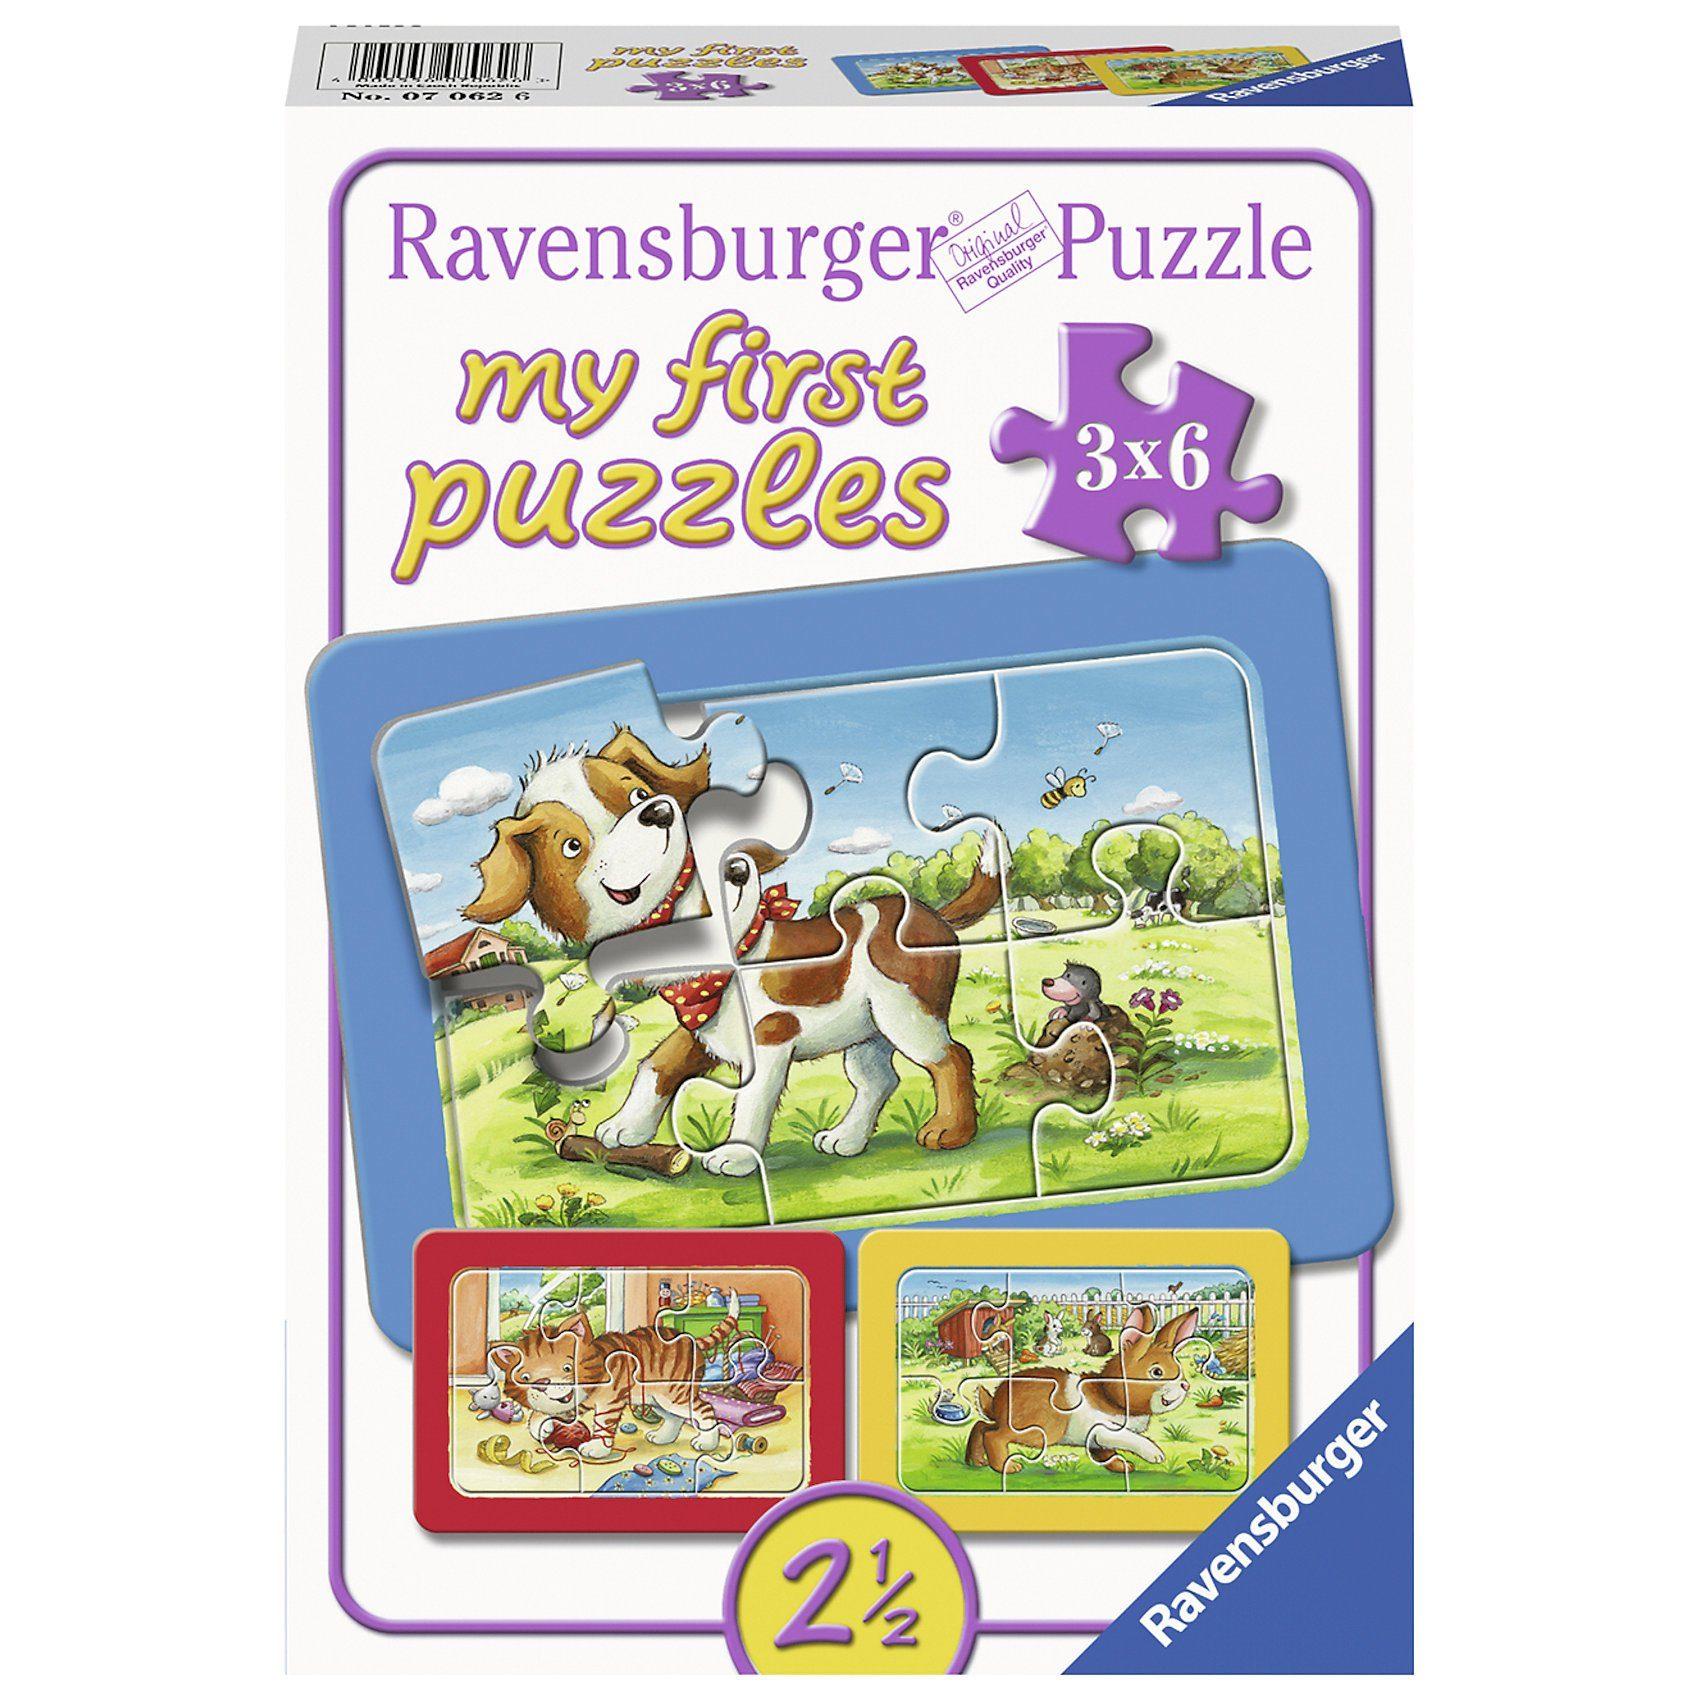 Ravensburger 3er Set Puzzle, je 6 Teile, 21x15 cm, mit Rahmen, Meine Tier